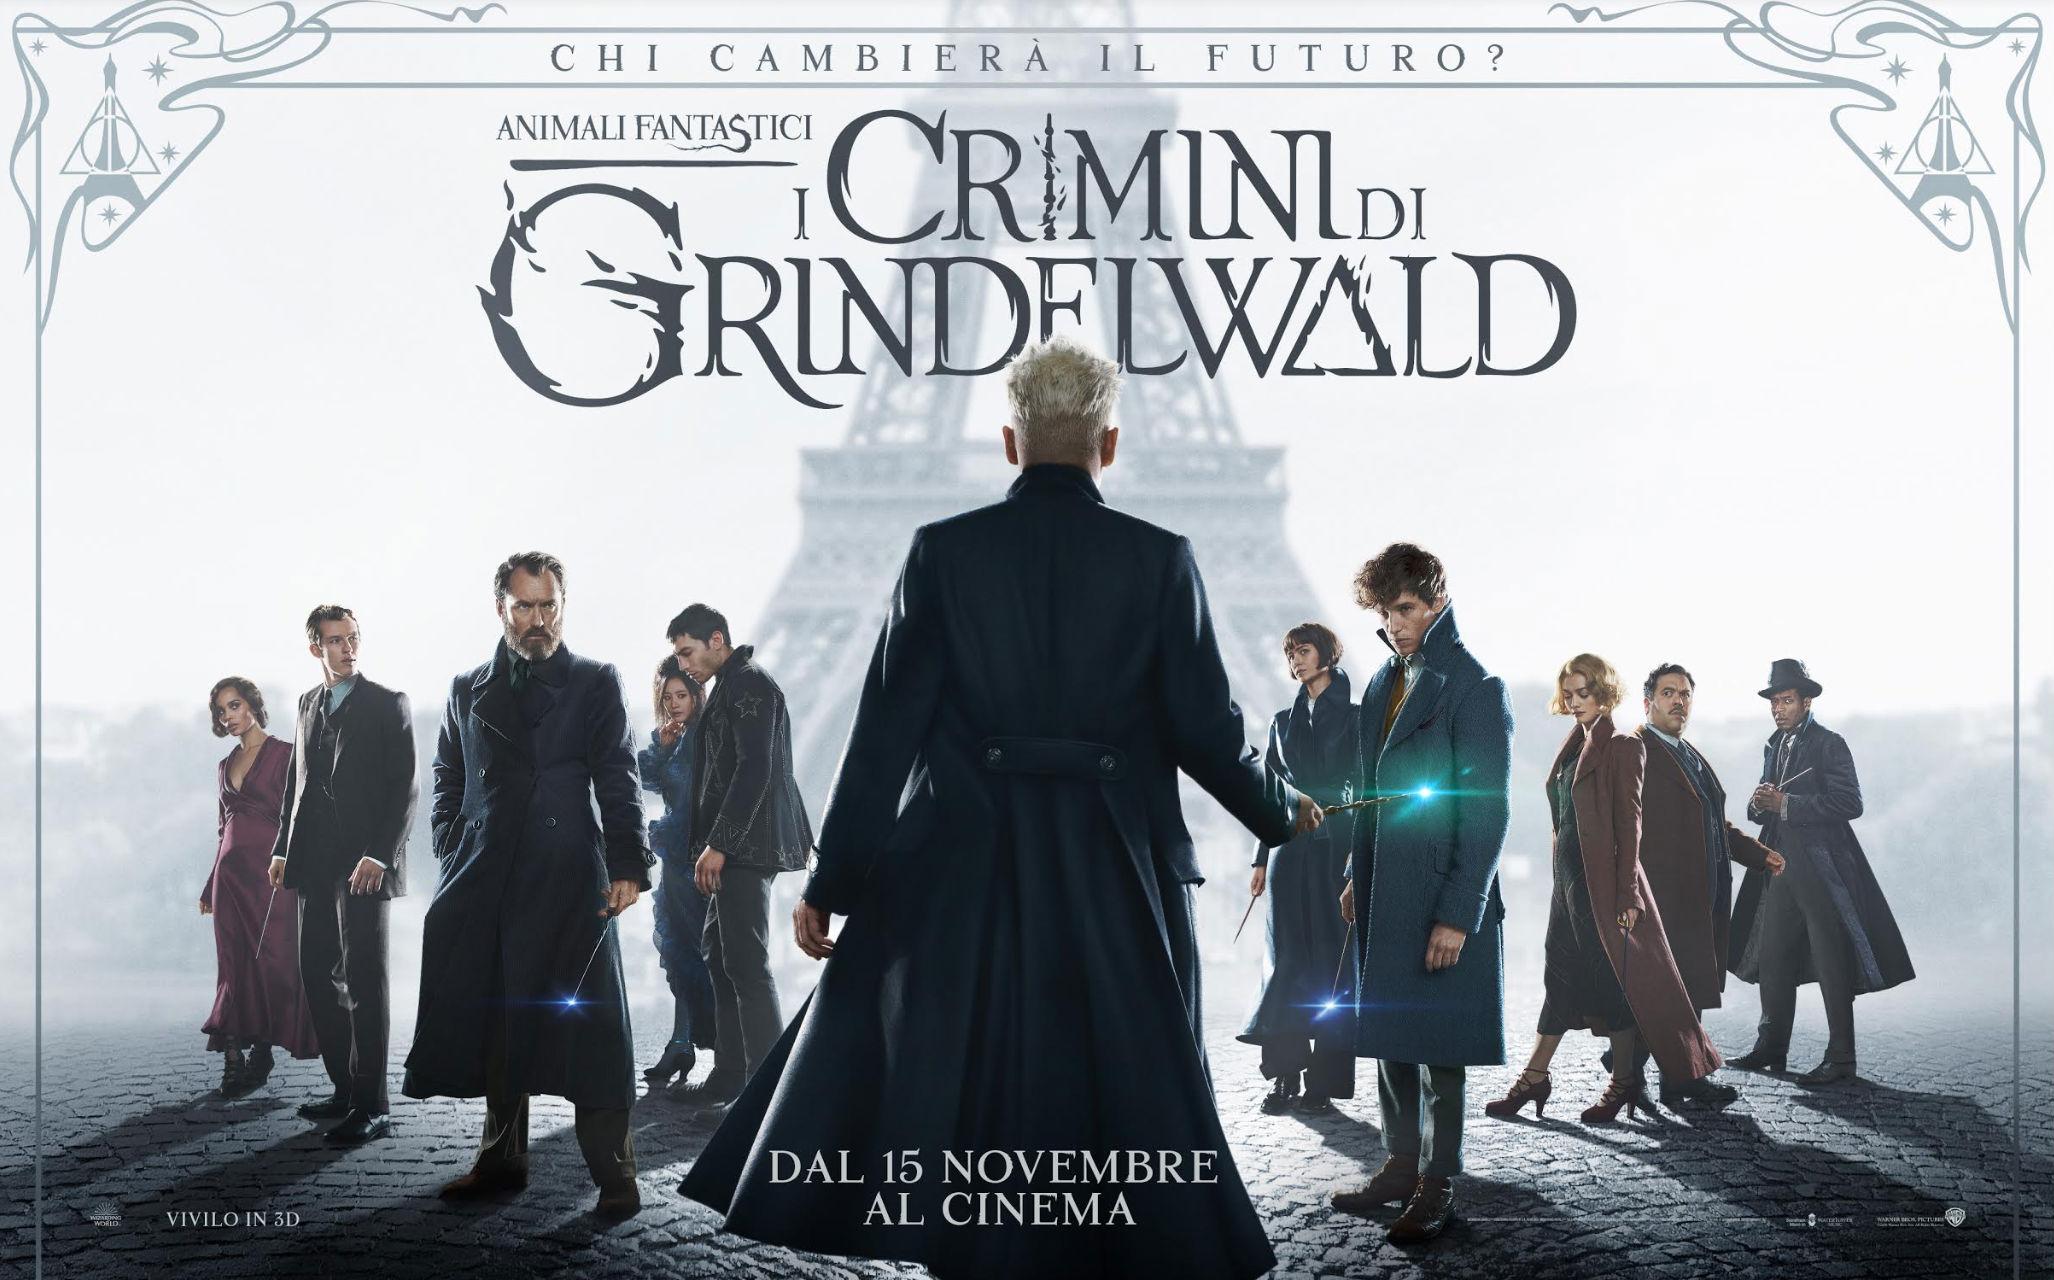 Animali fantastici I crimini di Grindelwald - Foto Ufficiale dal film